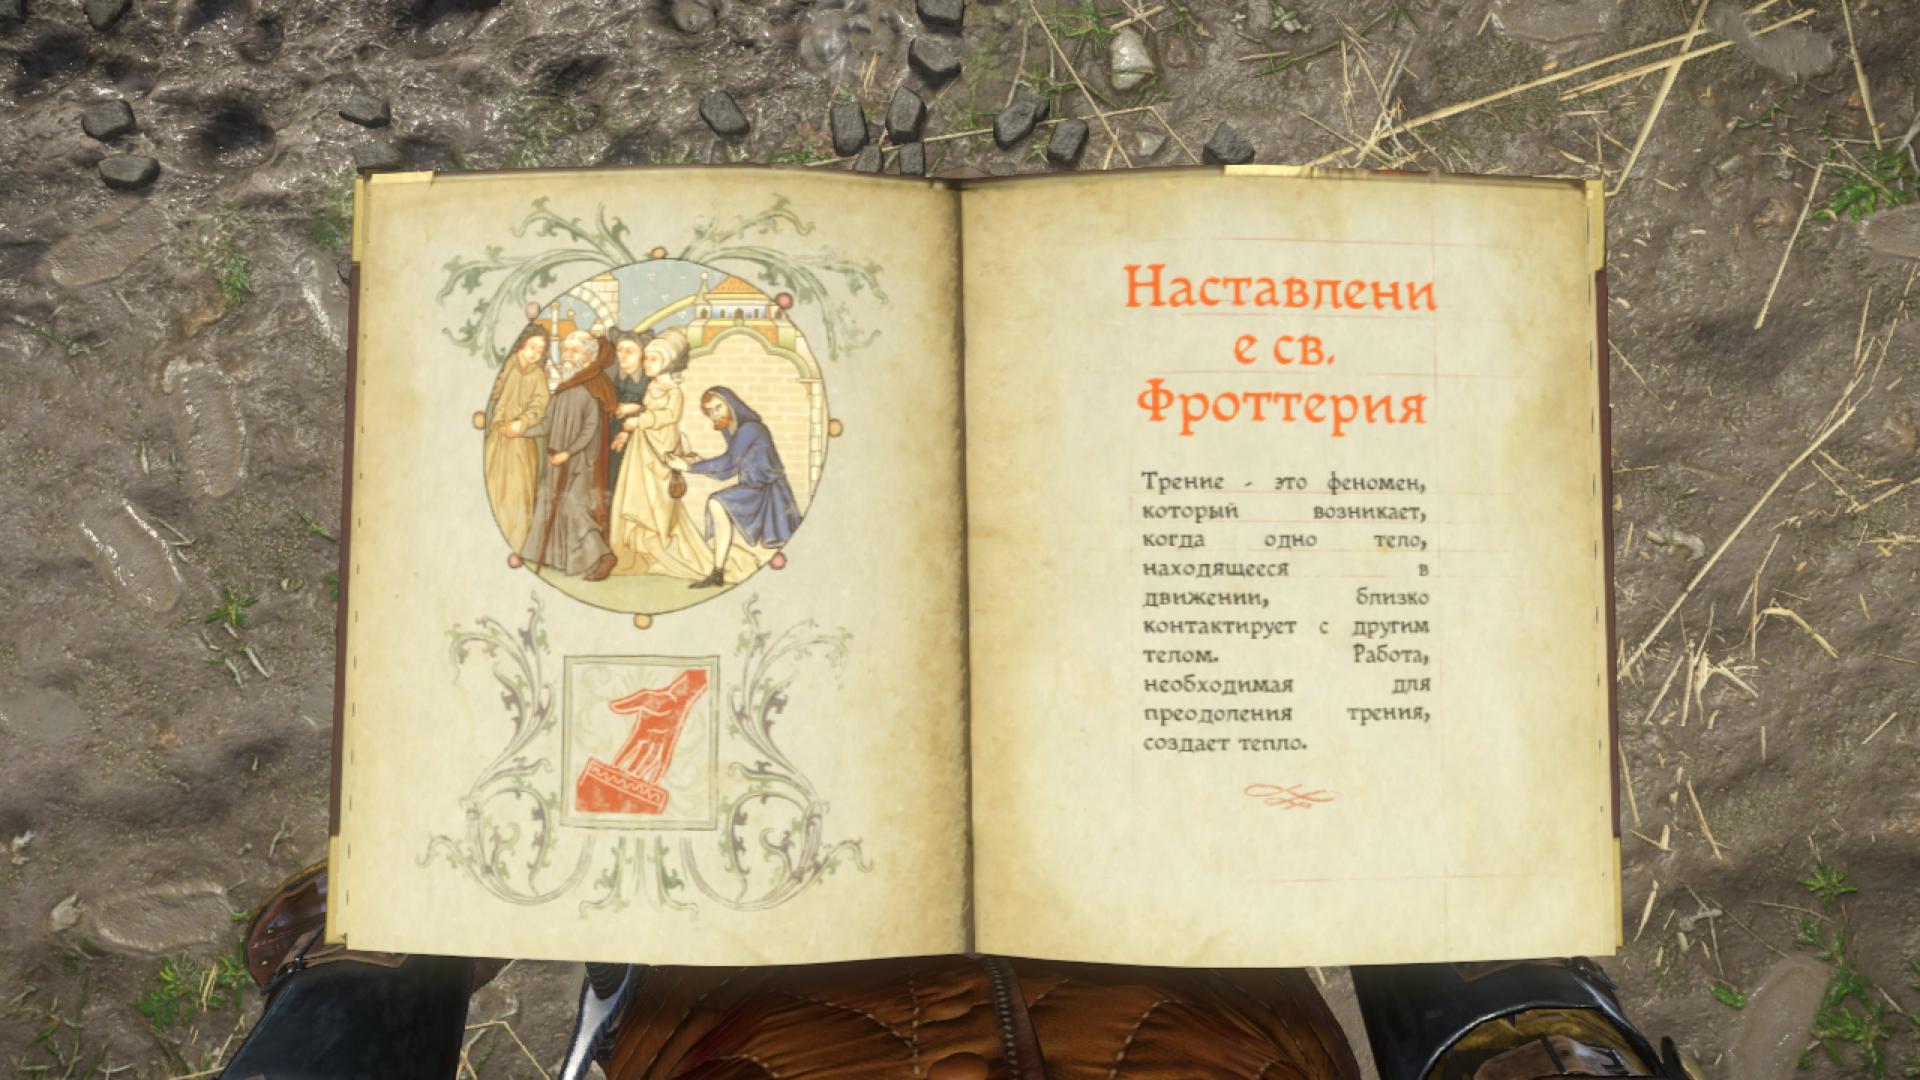 Наставления св. Фроттерия